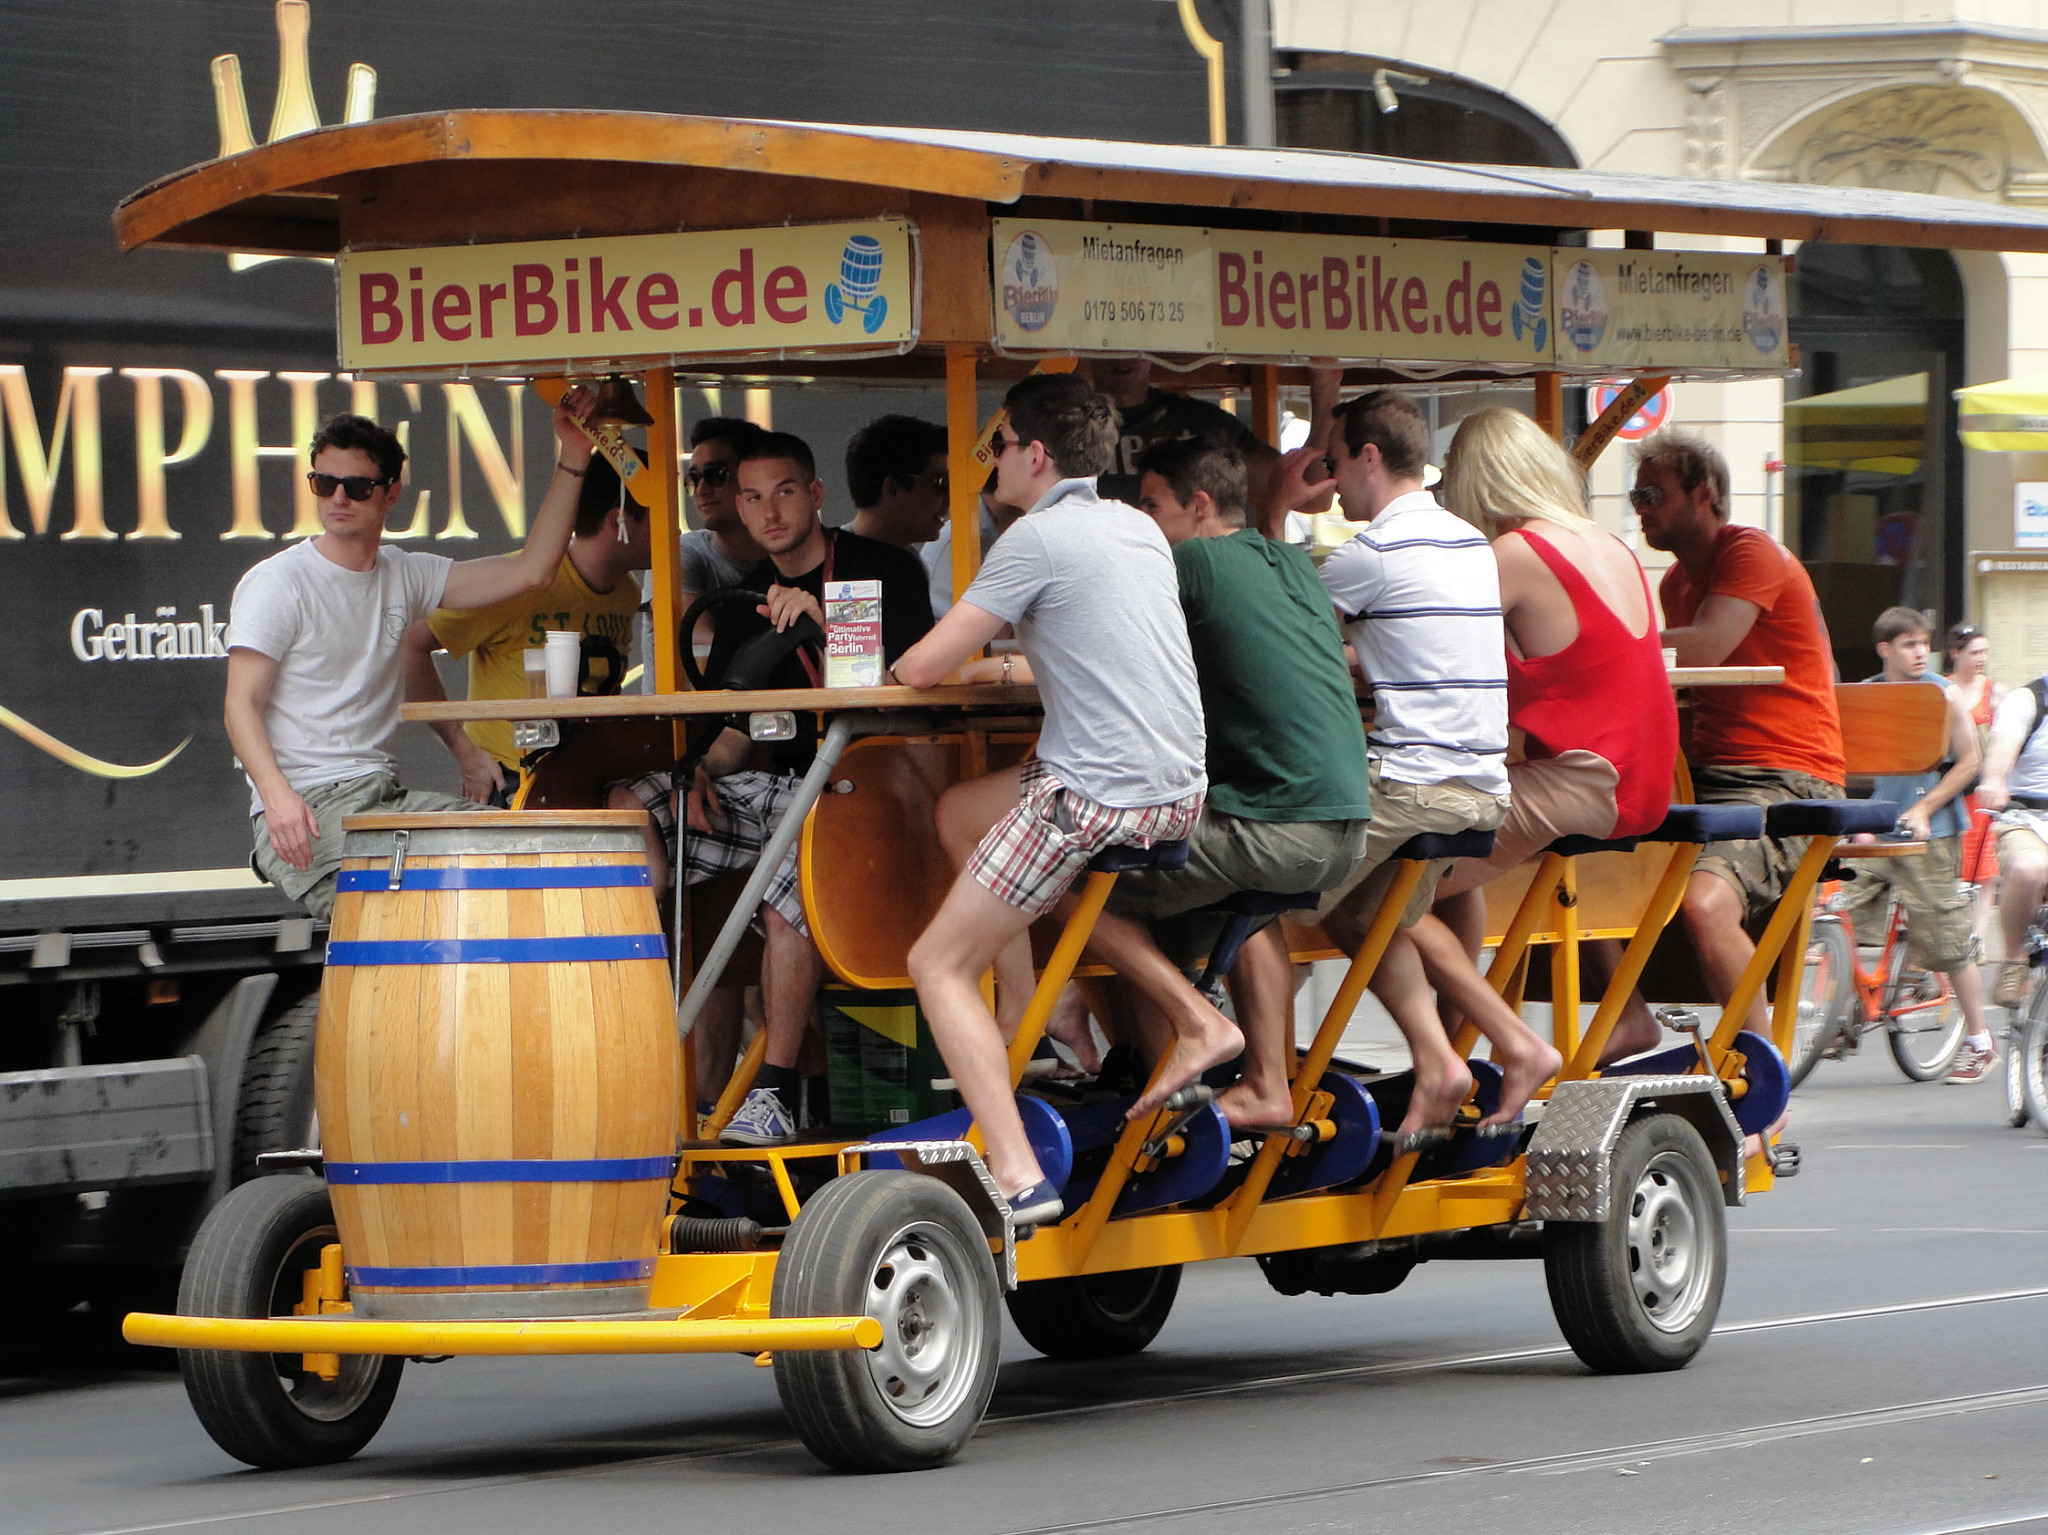 """Résultat de recherche d'images pour """"bierbike"""""""